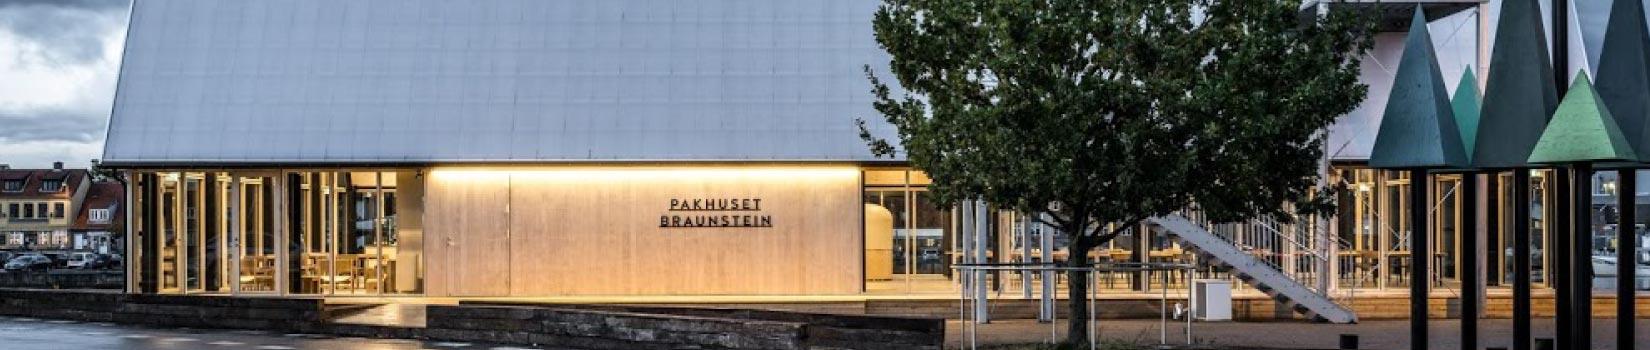 Braunstein - Bryggeri & Destilleri